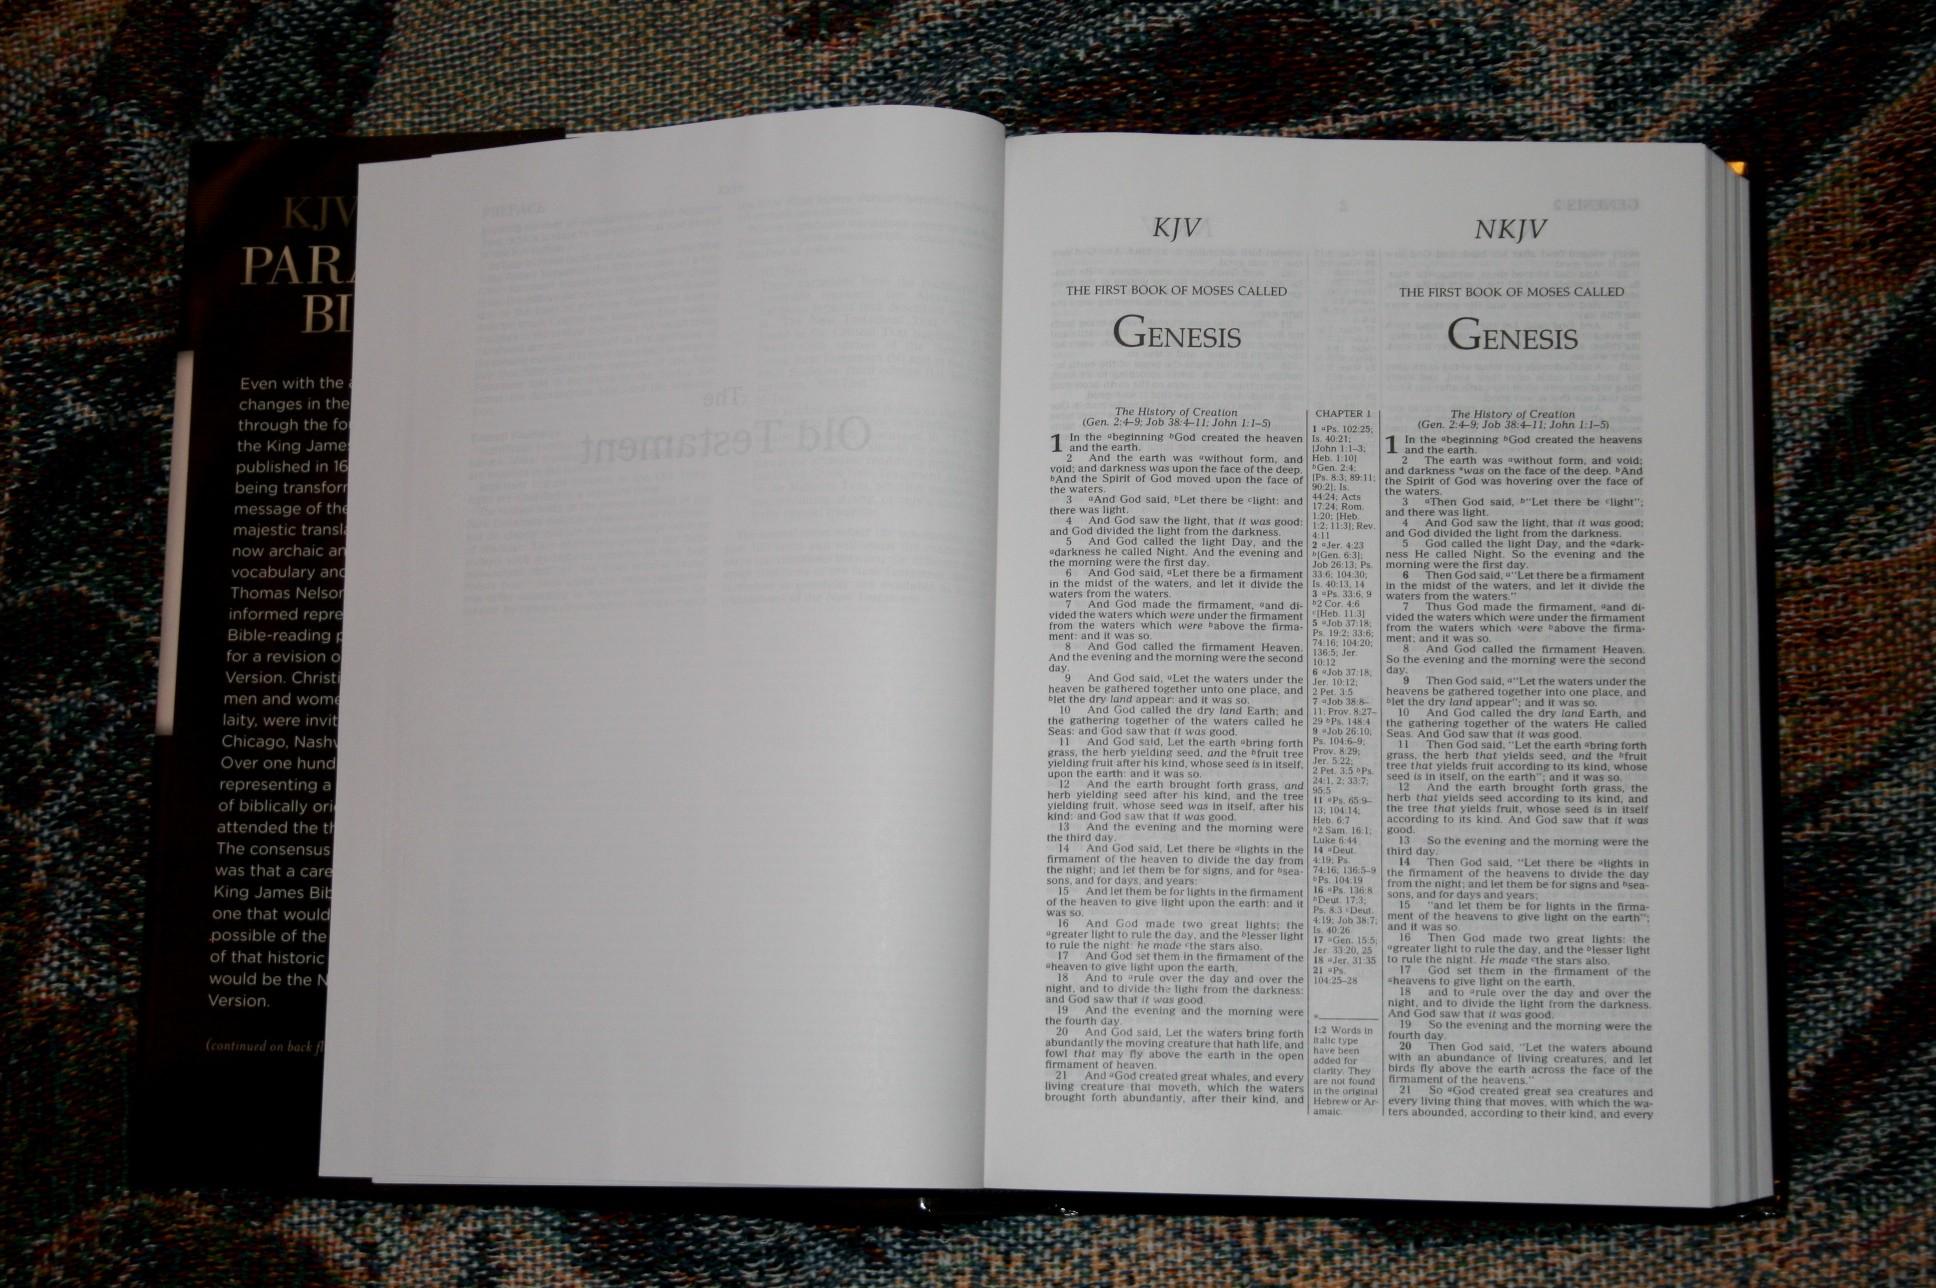 Thomas Nelson KJV NKJV Parallel Bible – Review